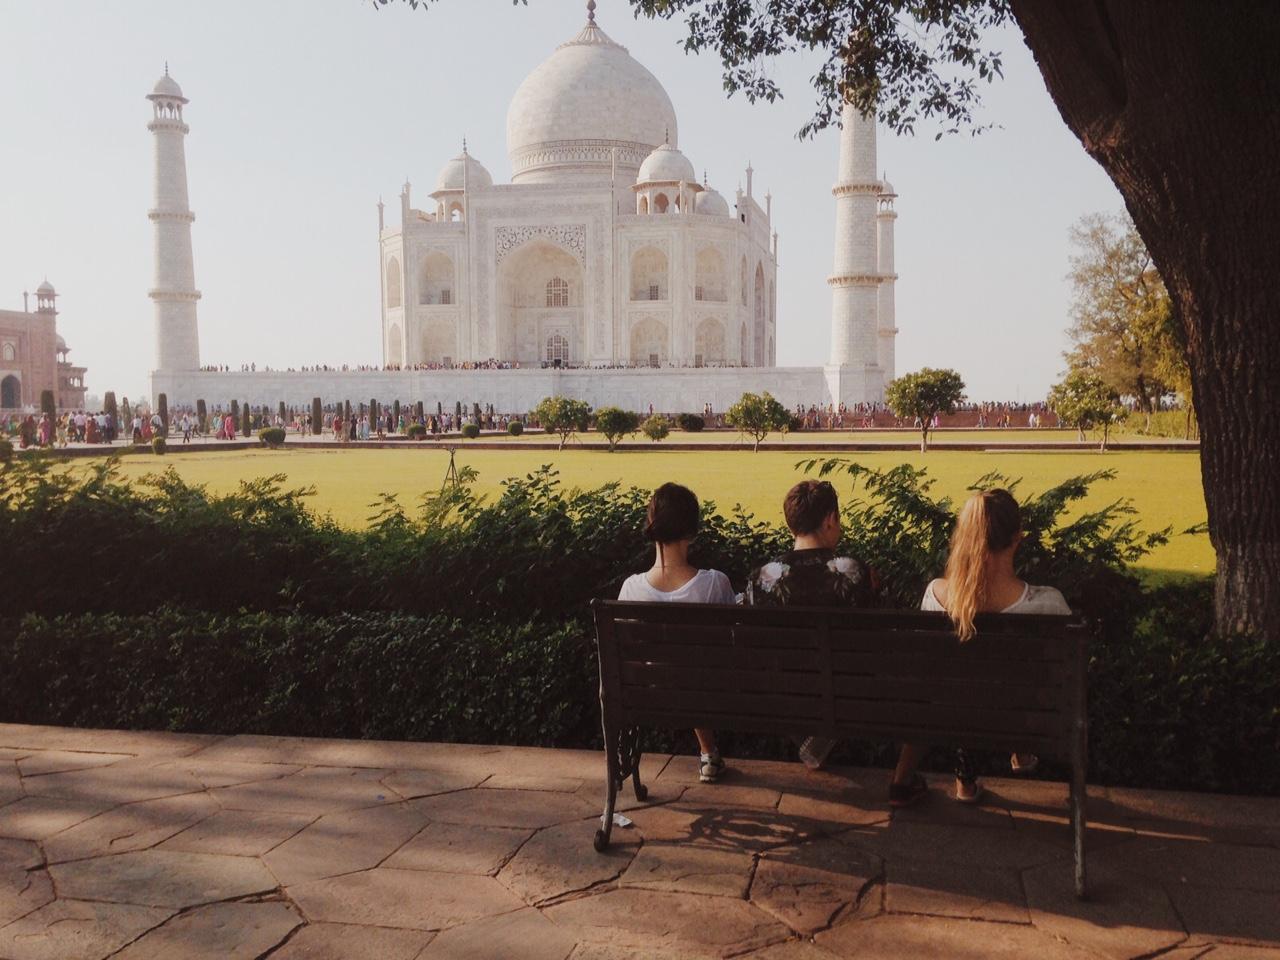 어떻게 이 경이로움을 표현해야할지 모르겠다. 인도는 정말 말도 안되는 나라다.